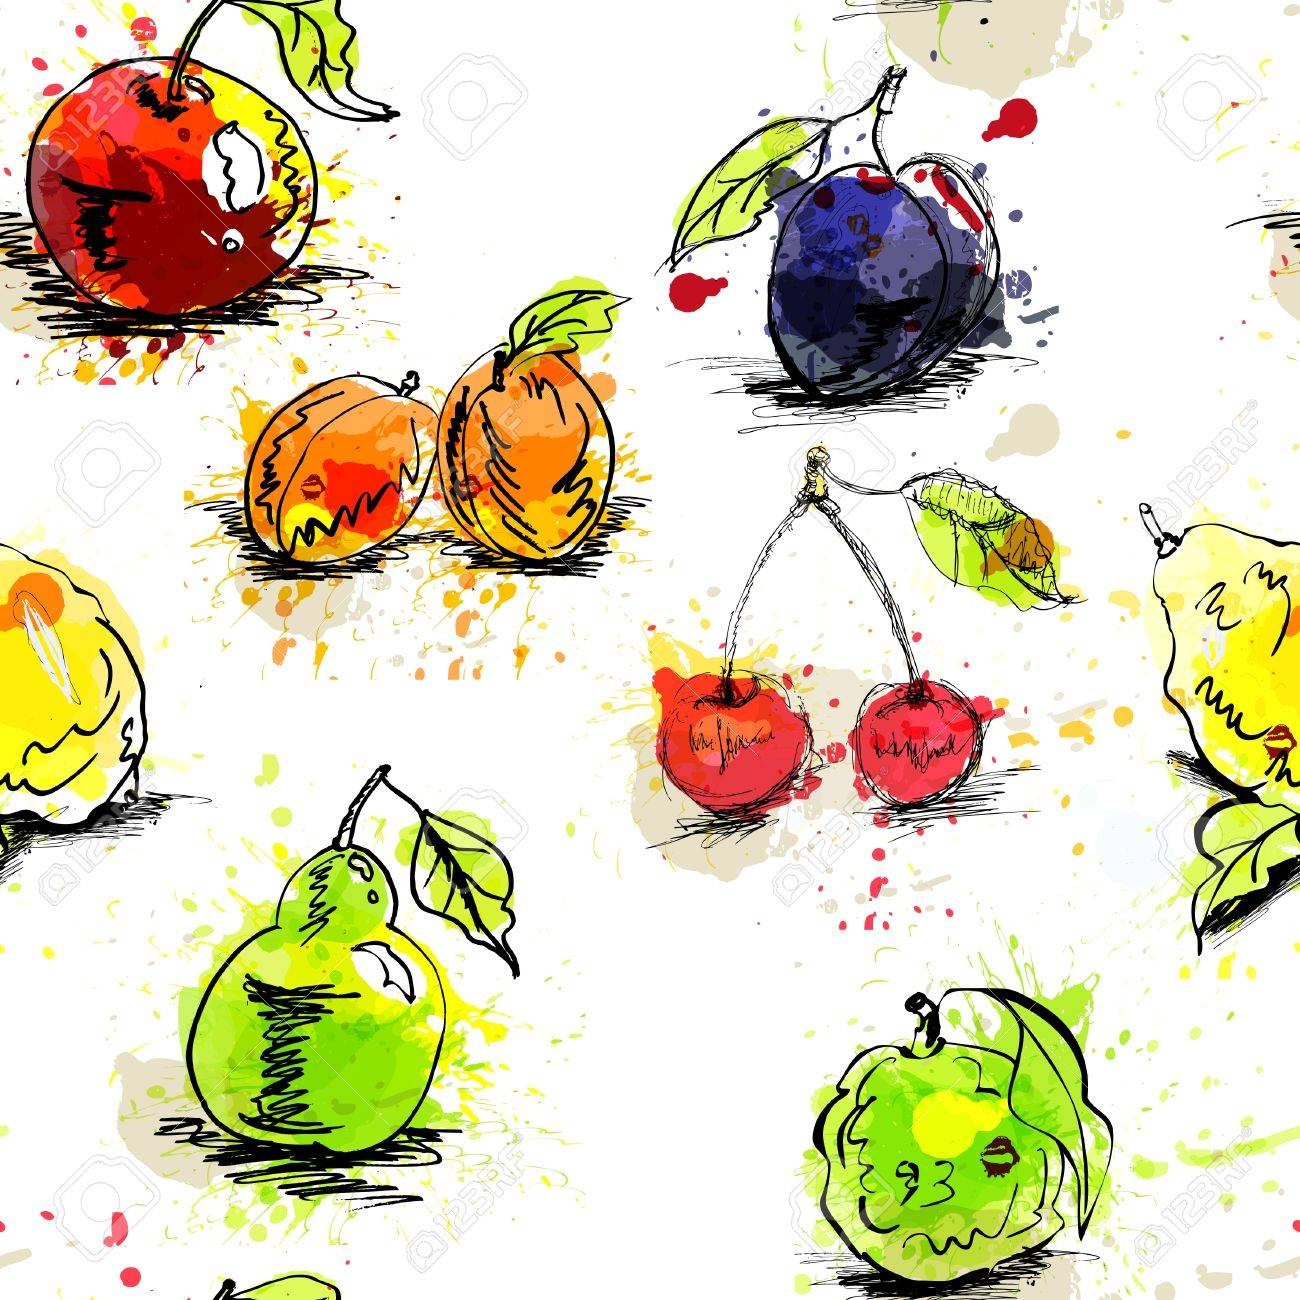 フルーツとのシームレスな壁紙のイラスト素材 ベクタ Image 10069505